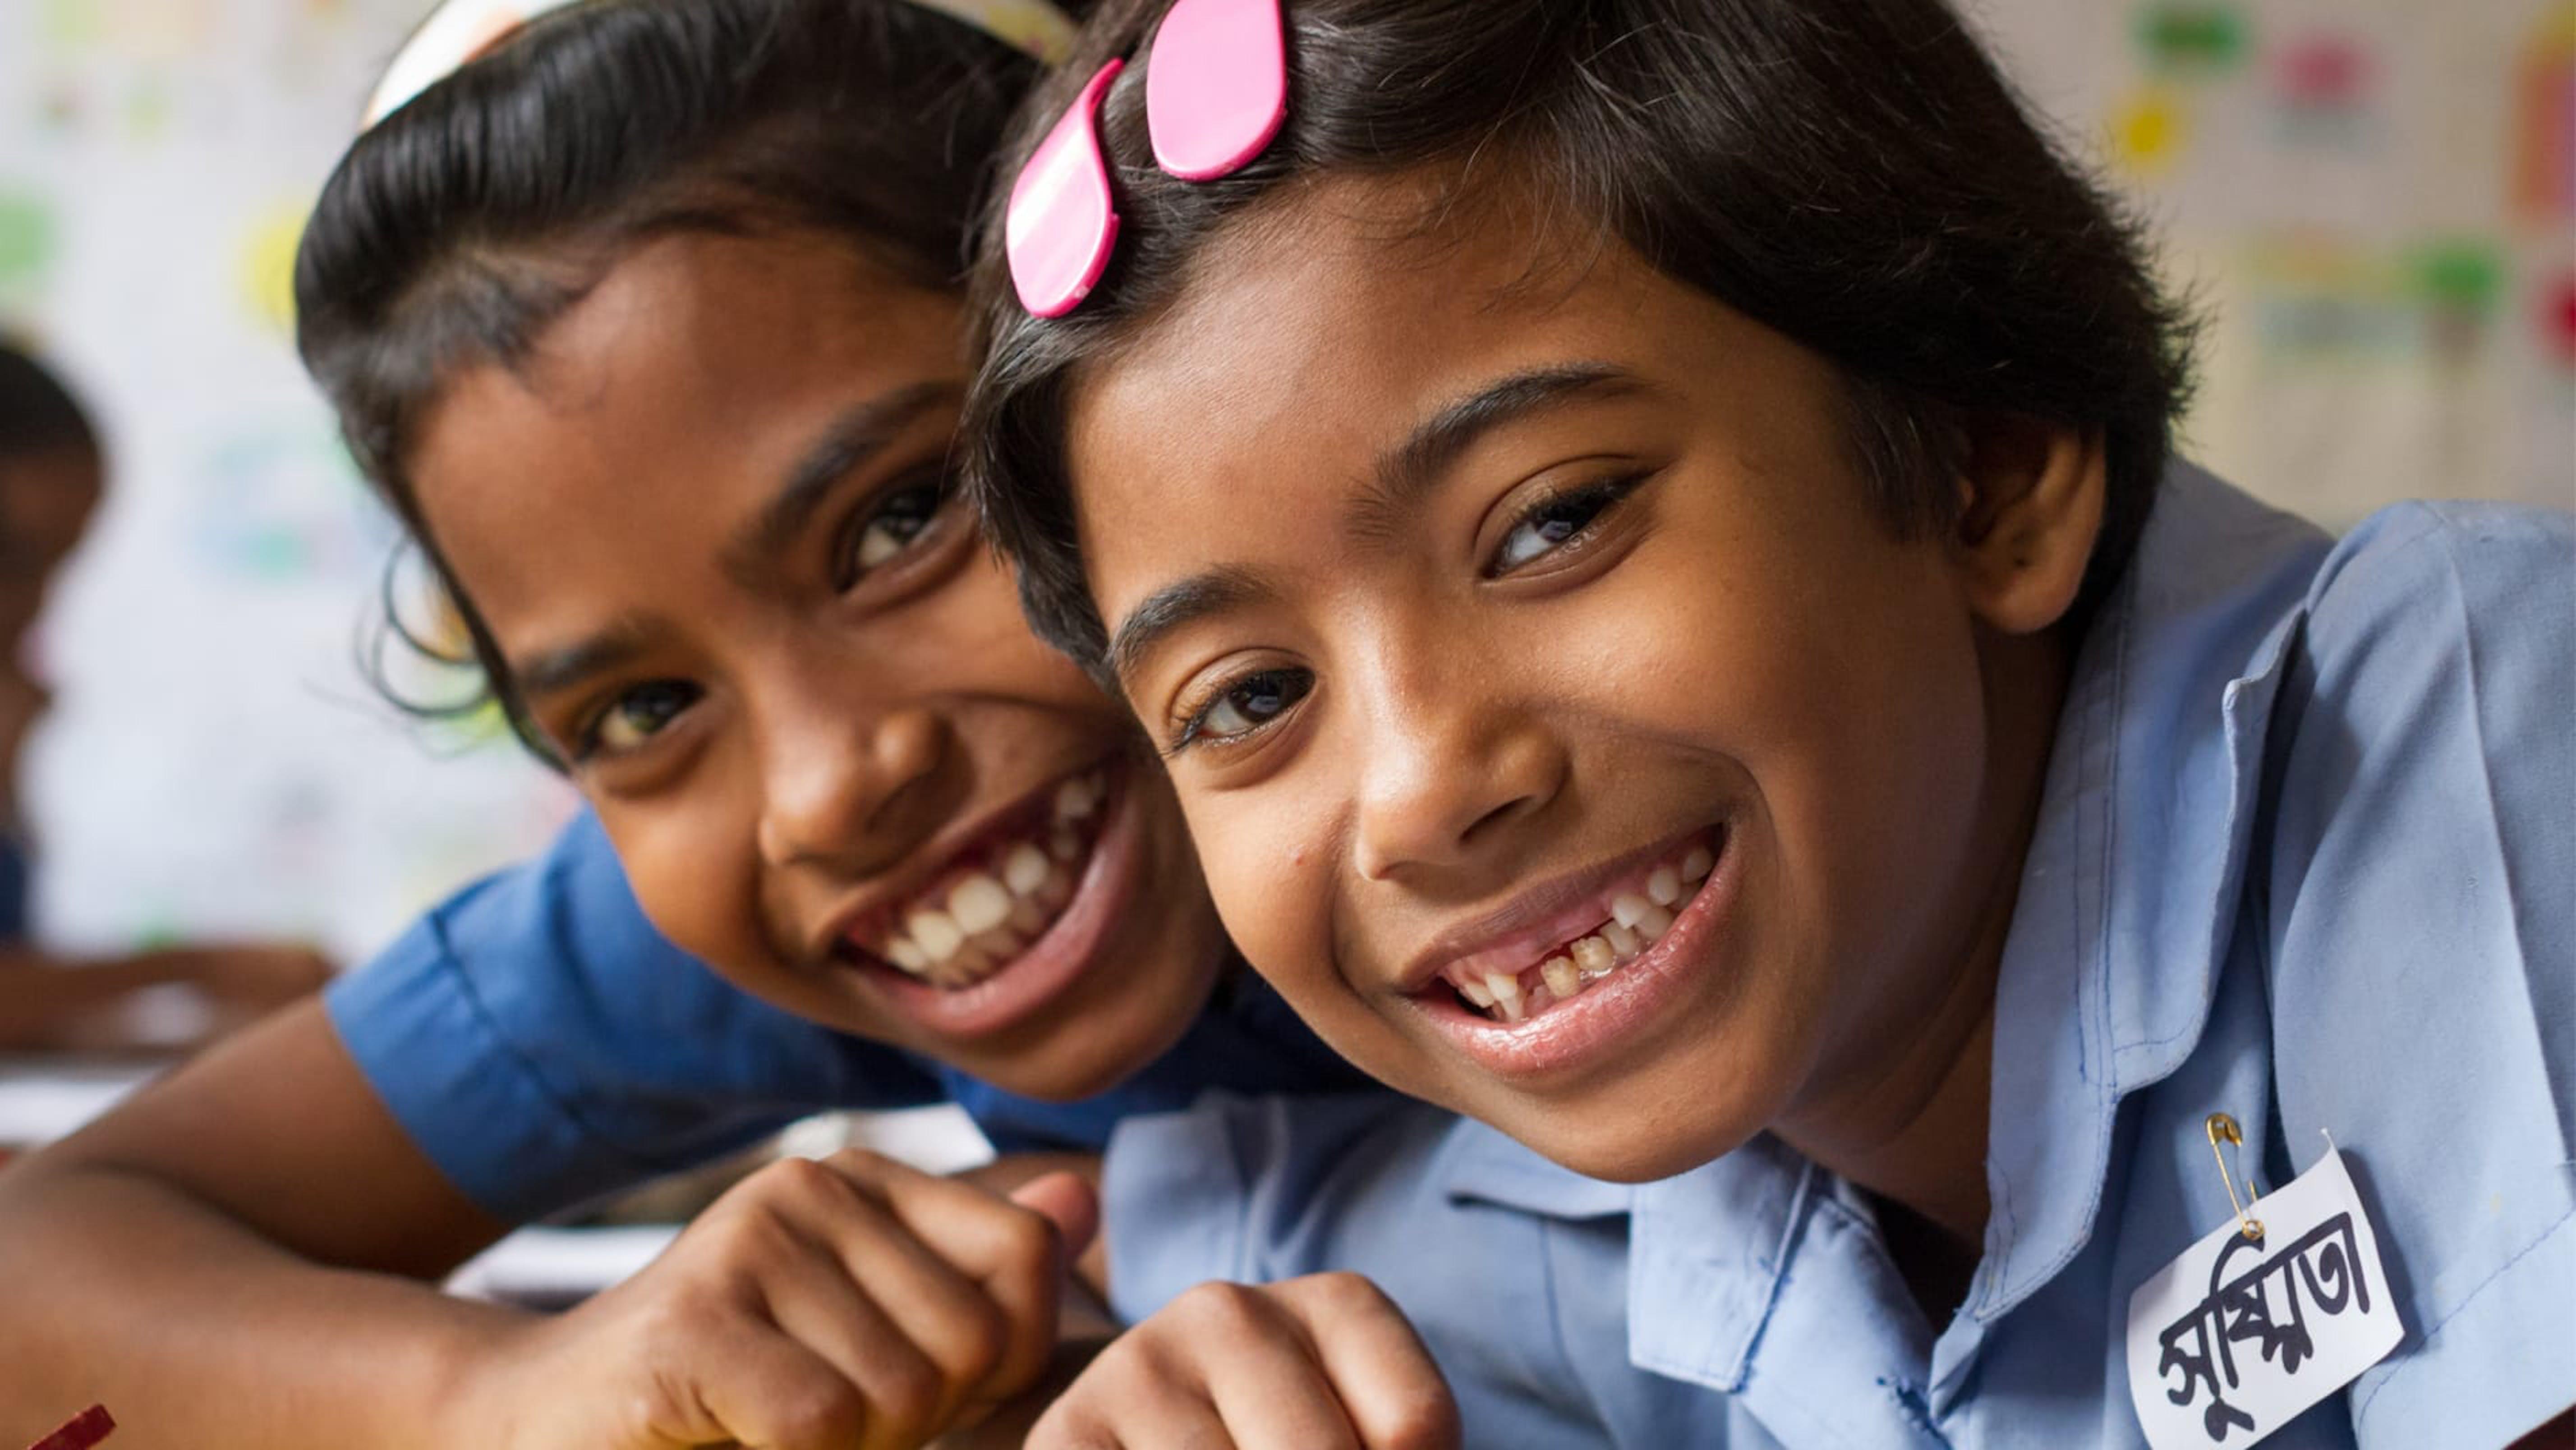 Shushmita e la sua amica Binky sorridono mentre sono a scuola, in Bangladesh.